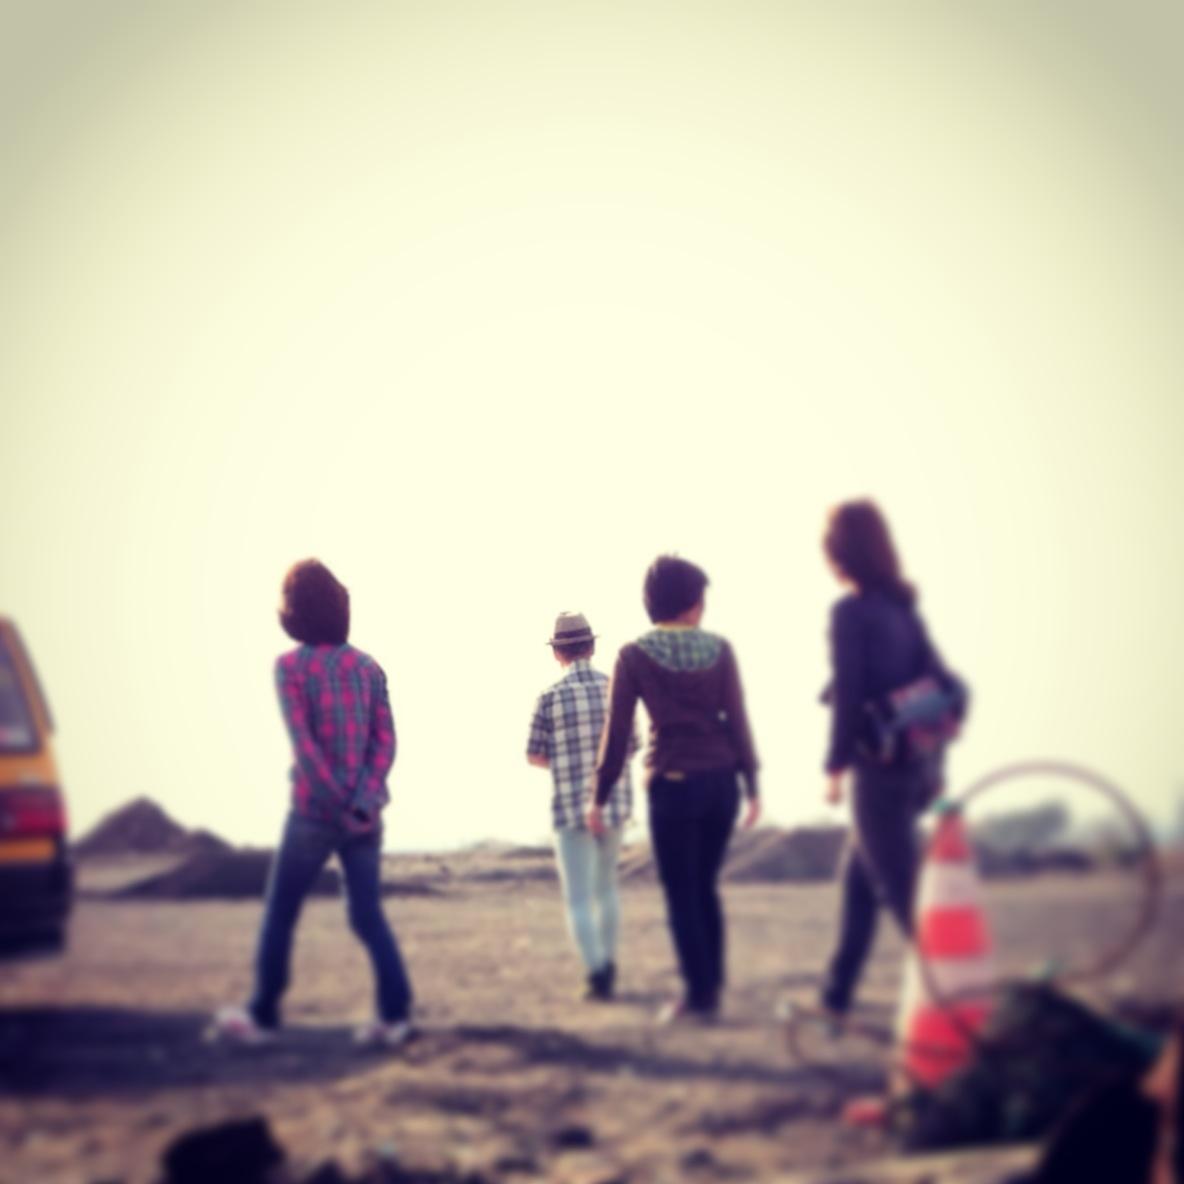 宮城県東松島市復興支援 ボランティア体験記 2  海岸沿いの被災地を視察